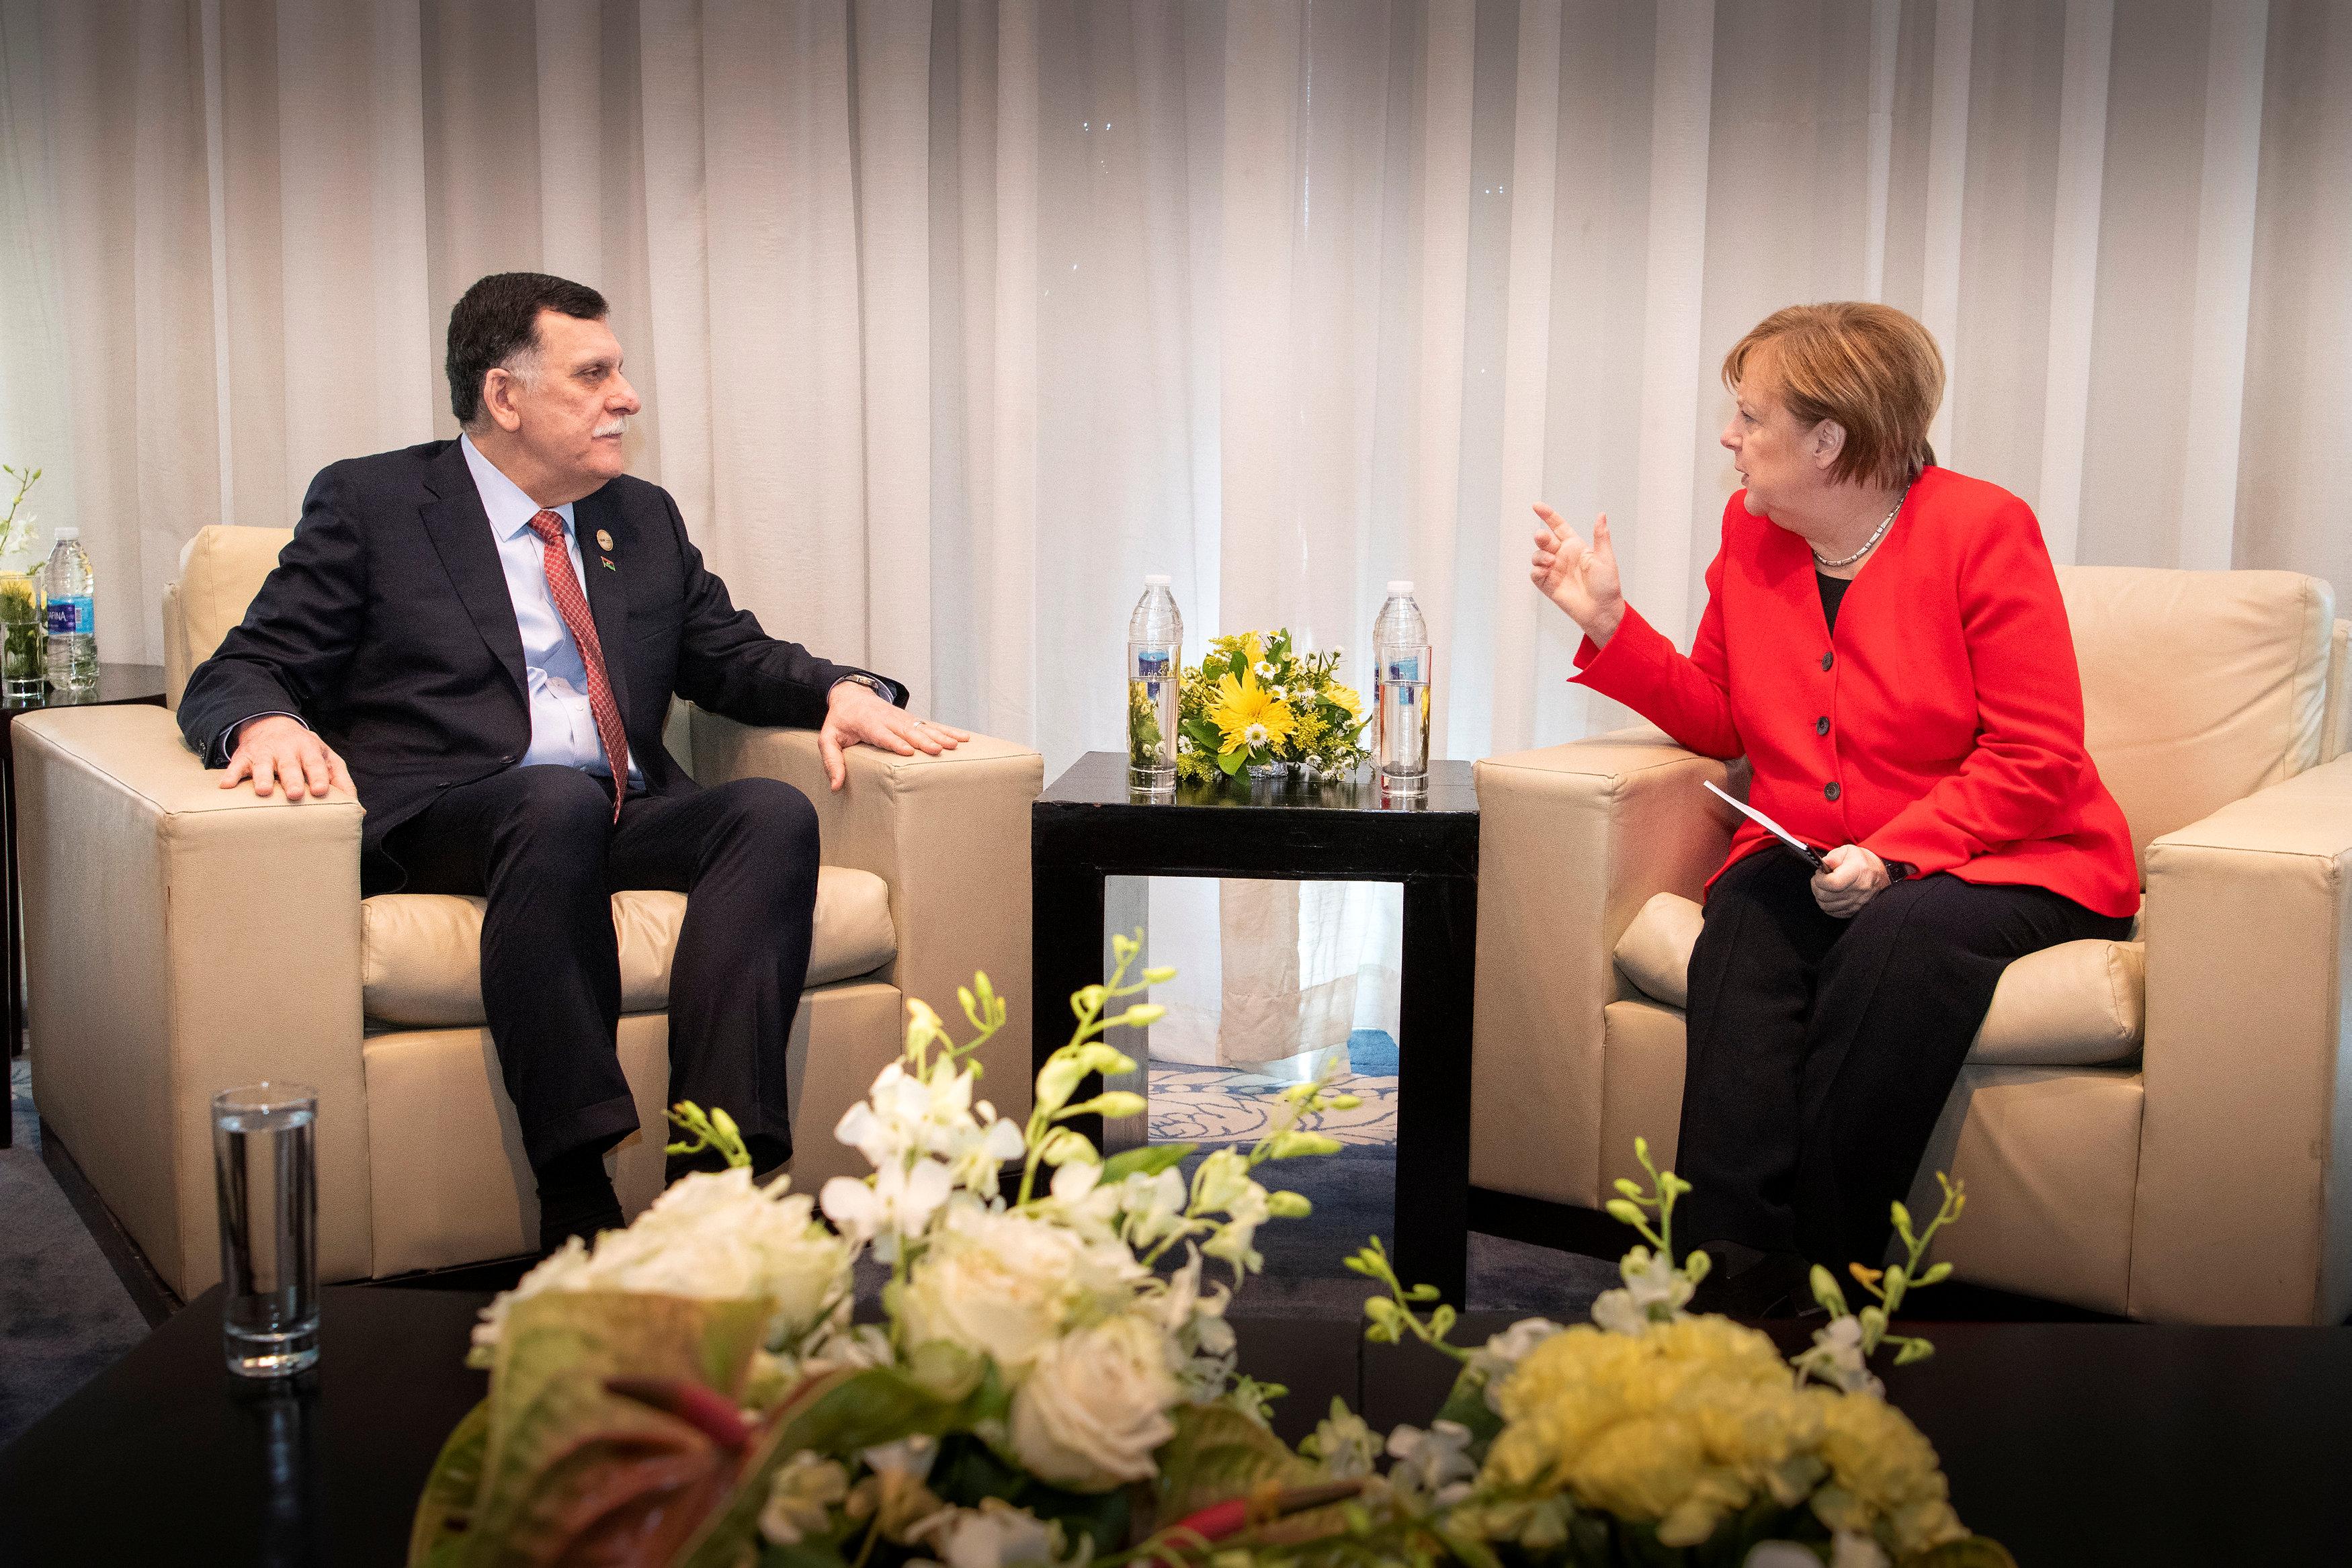 المستشارة الألمانية أنجيلا ميركل تلتقي رئيس الوزراء الليبي فايز السراج على هامش القمة العربية الأوربية في يومها الثاني في شرم الشيخ ، 25 فبراير(شباط) 2019. (رويترز)